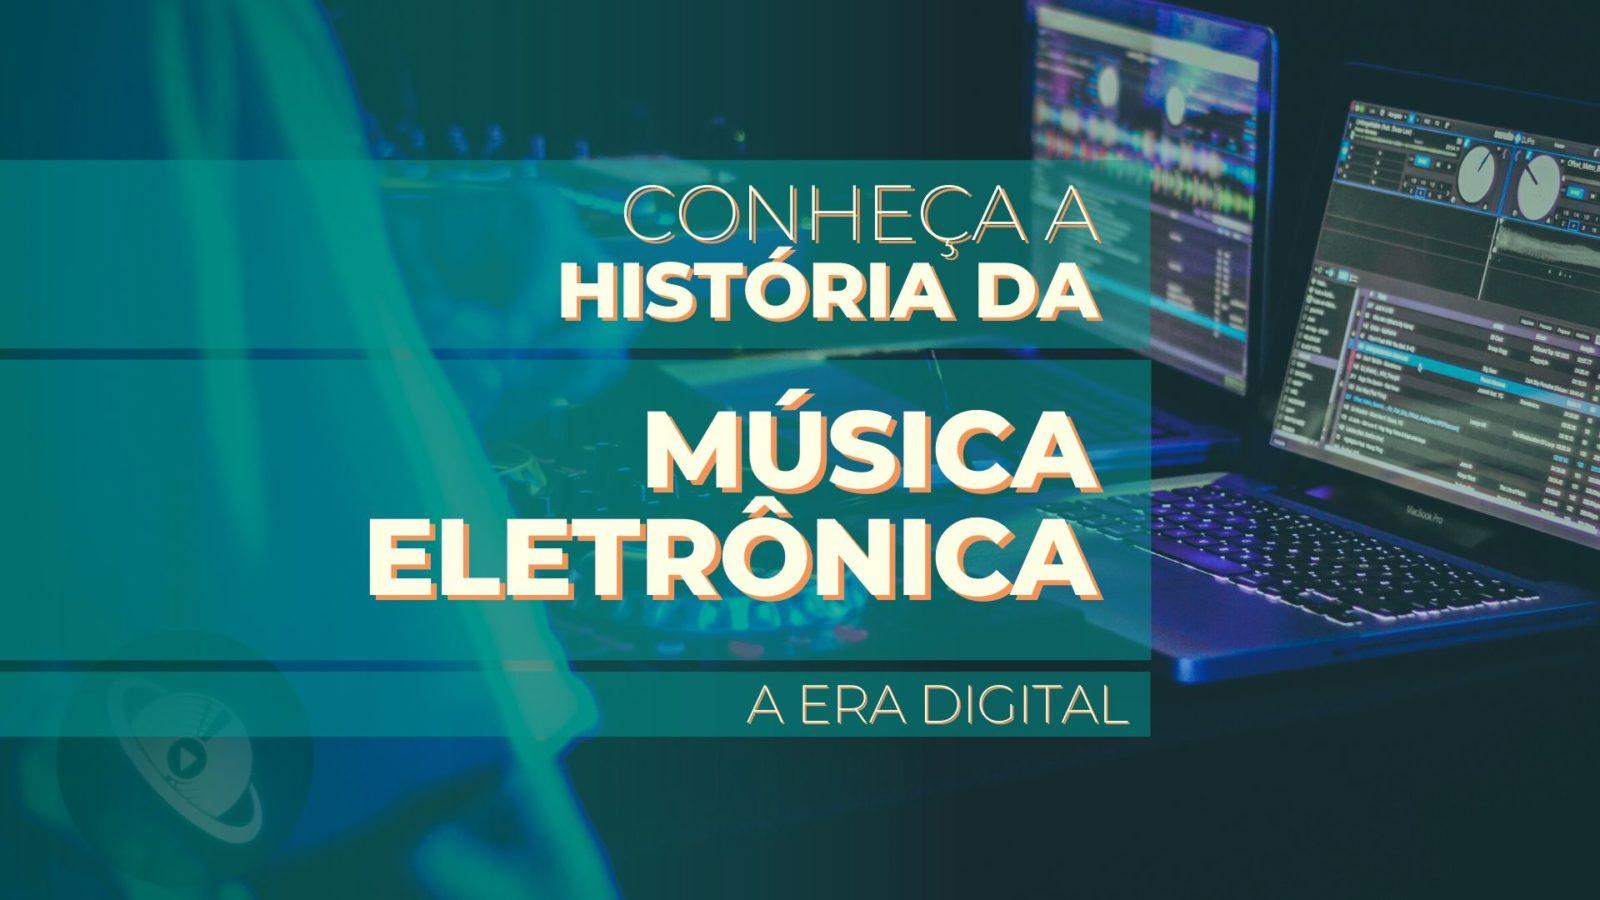 música eletrônica